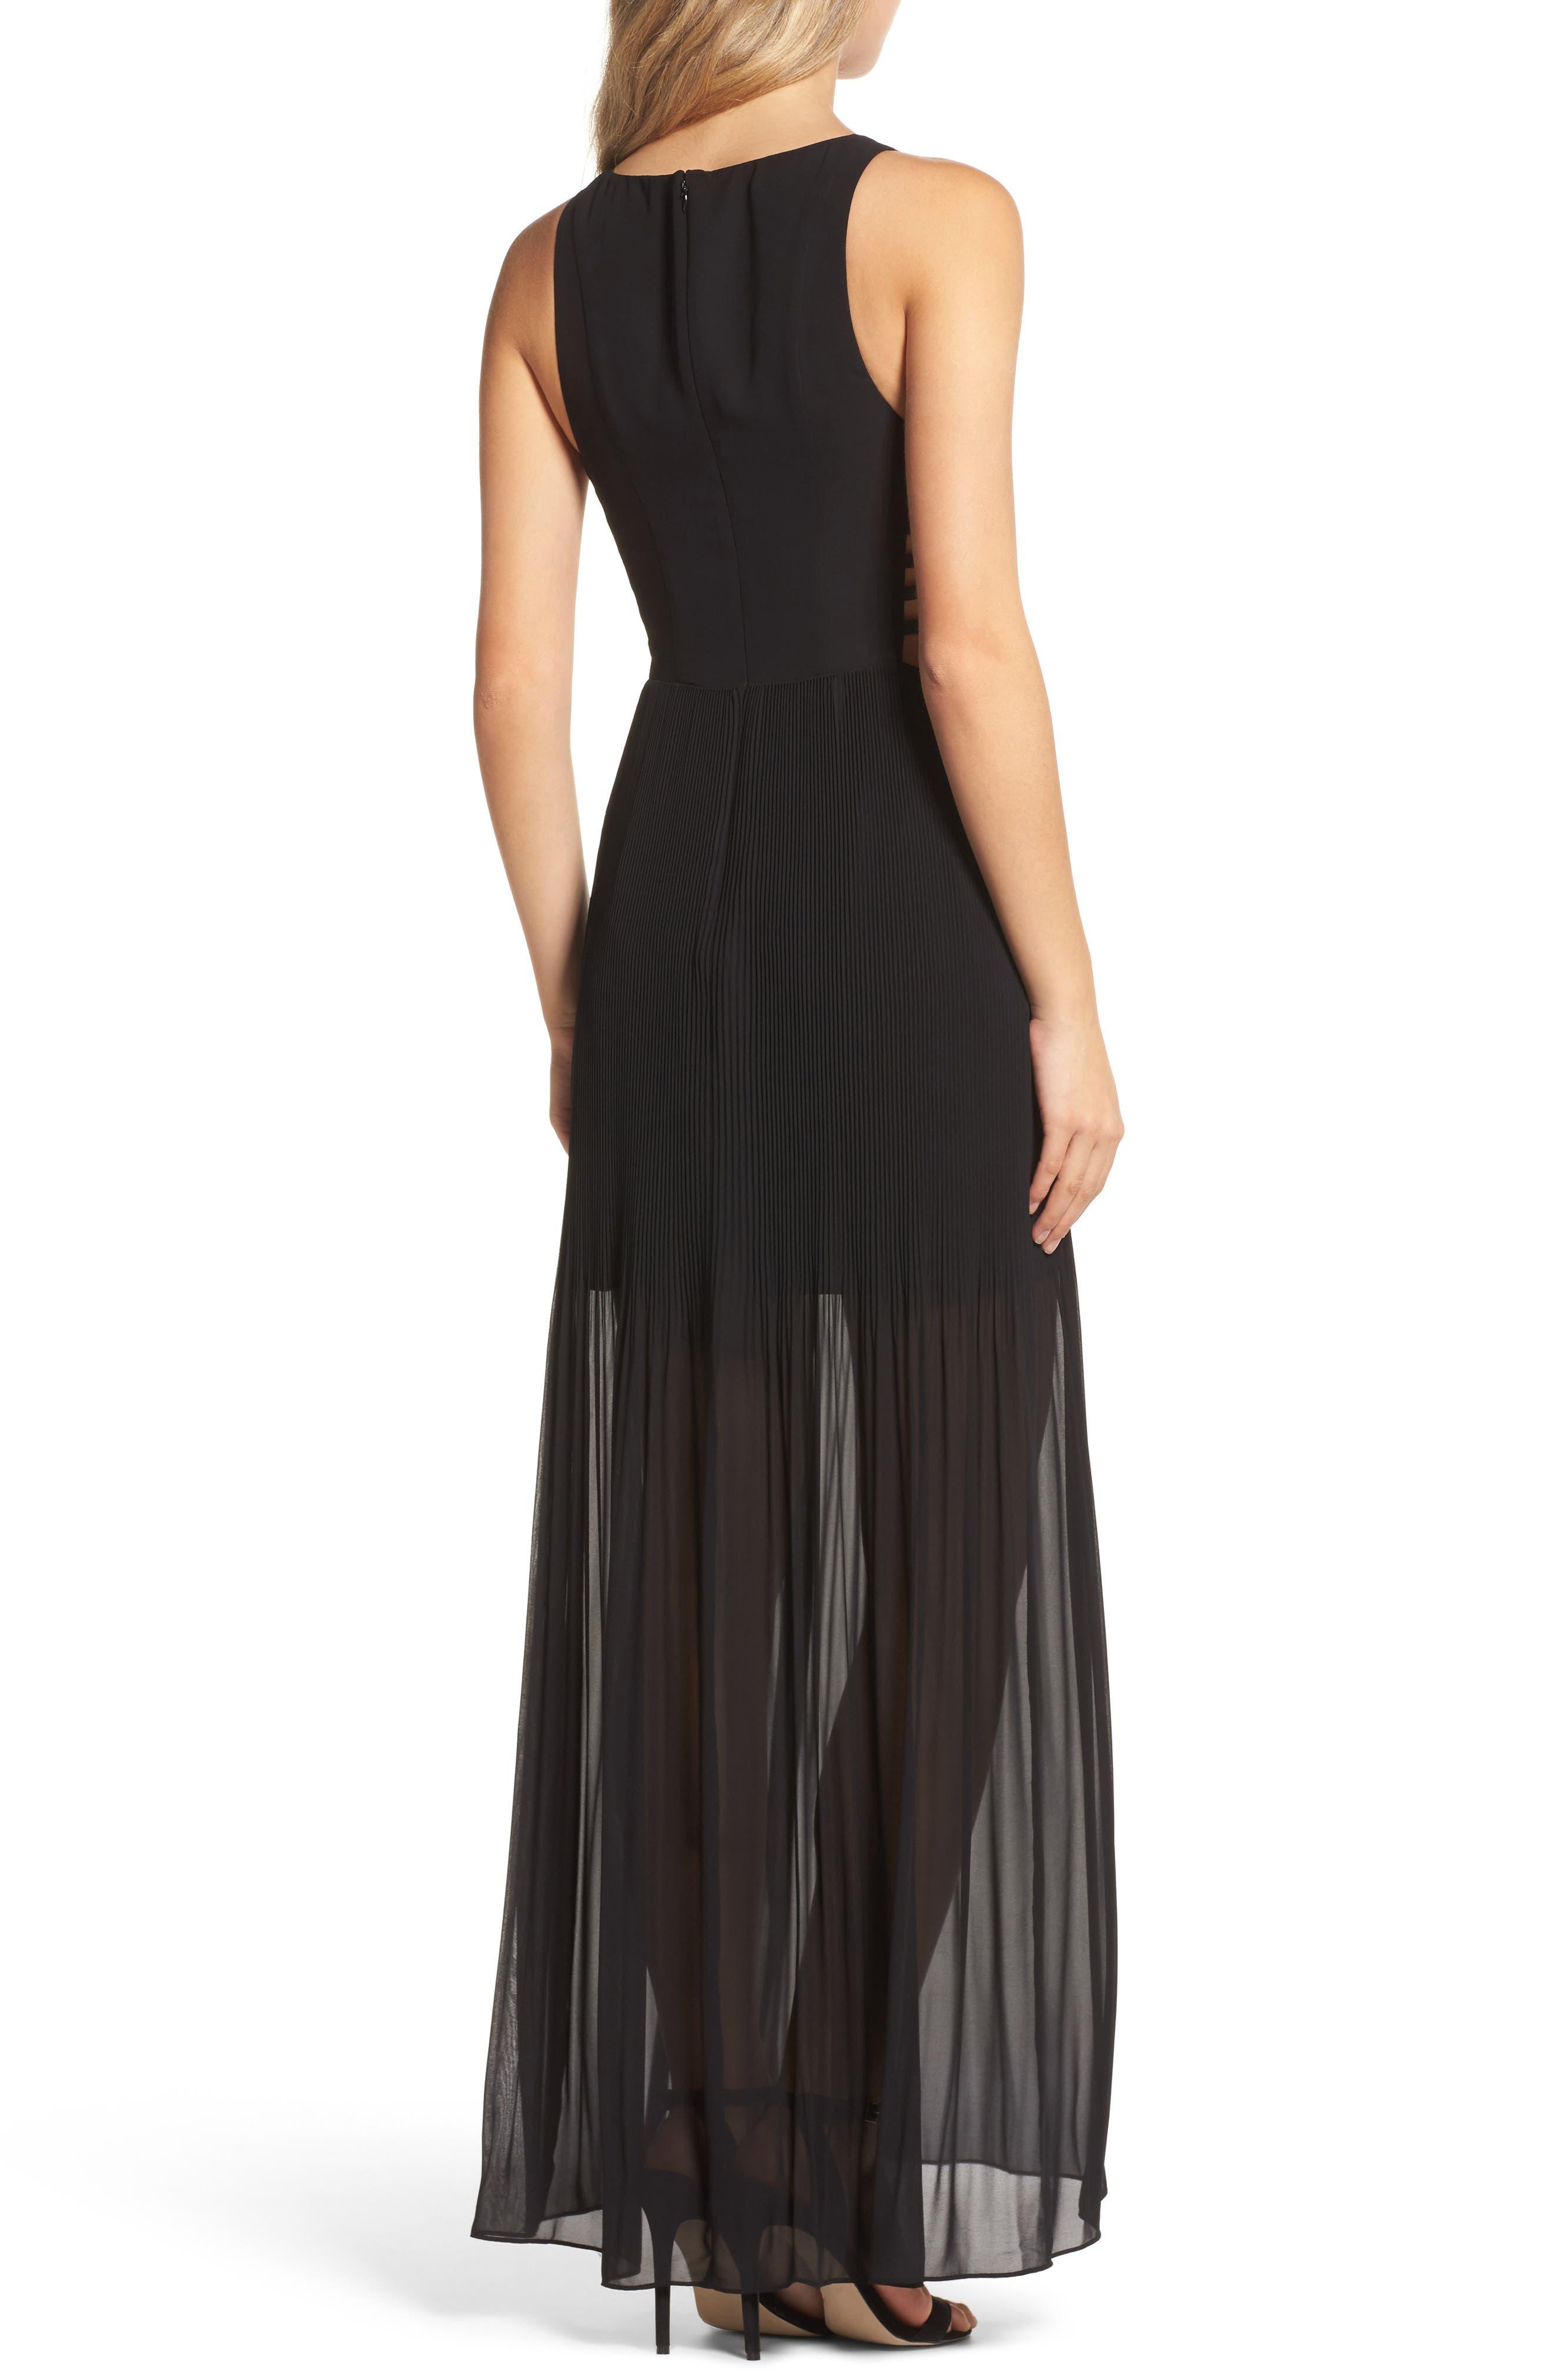 Sunset Blvd Maxi Dress,                             Alternate thumbnail 3, color,